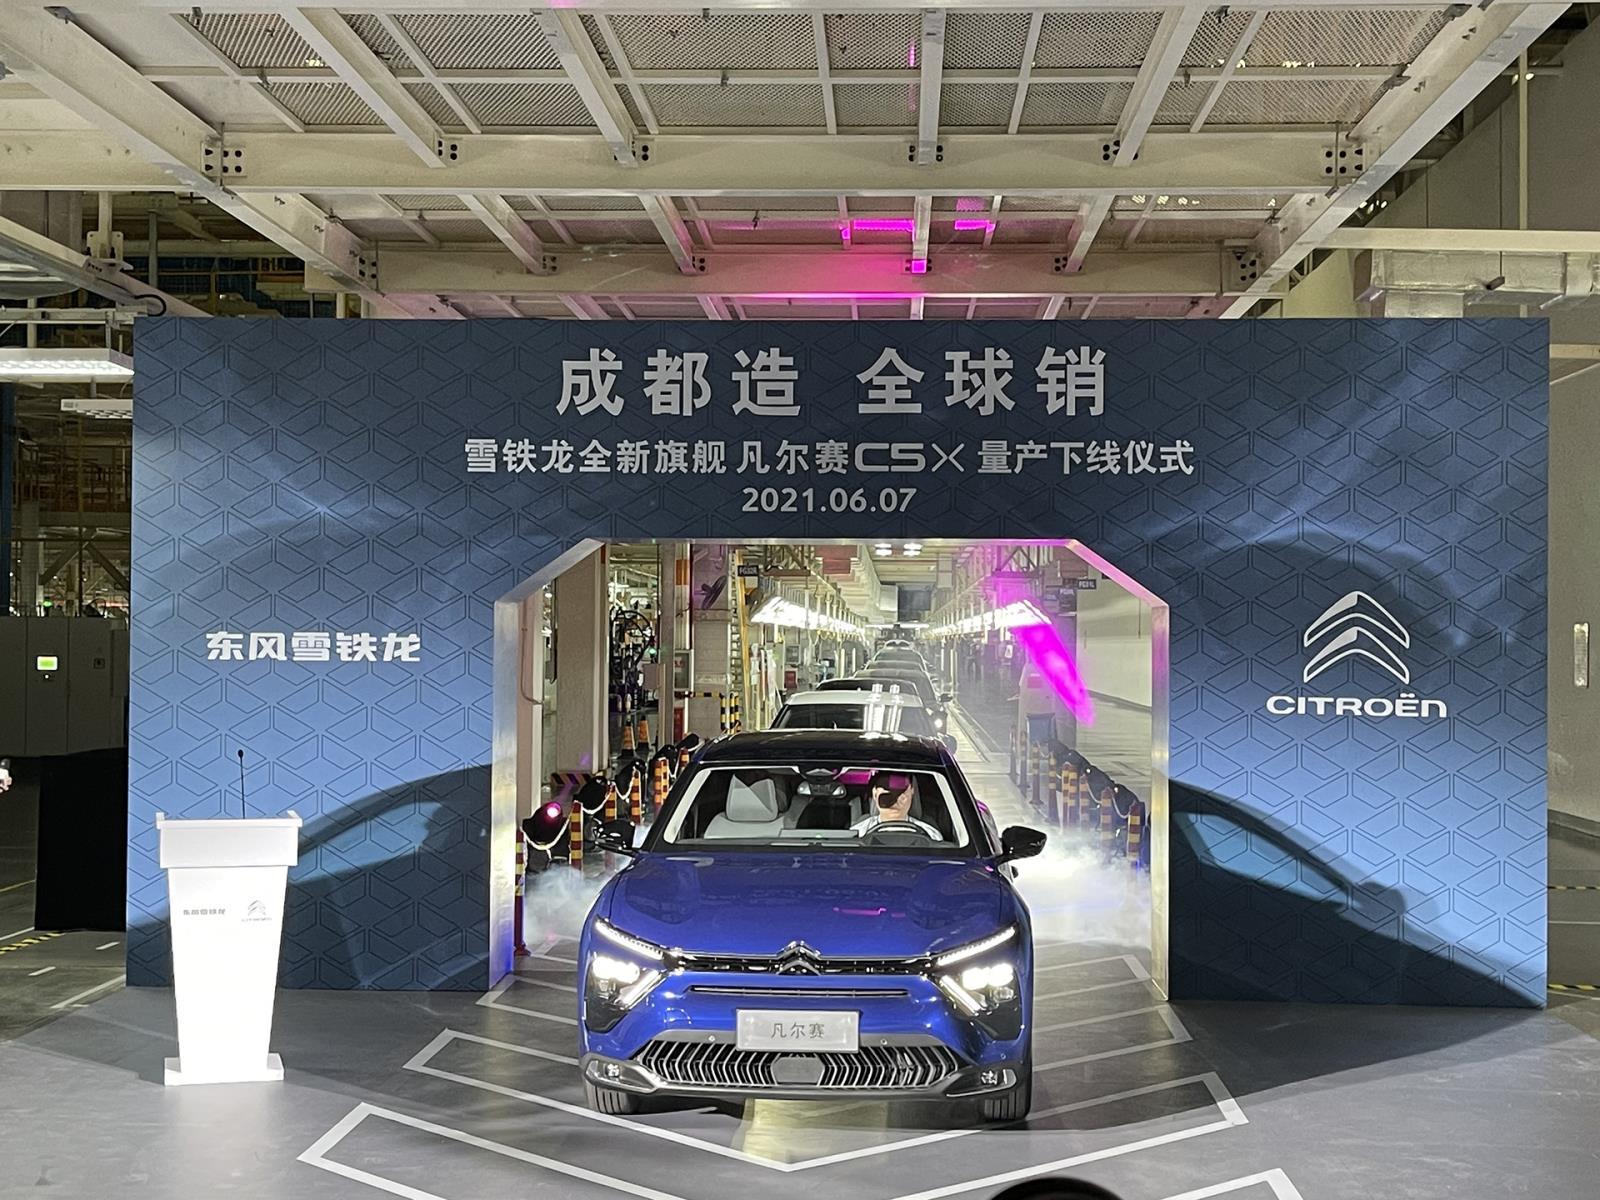 东风雪铁龙凡尔赛C5 X正式下线 成都生产销往全球/将于9月上市